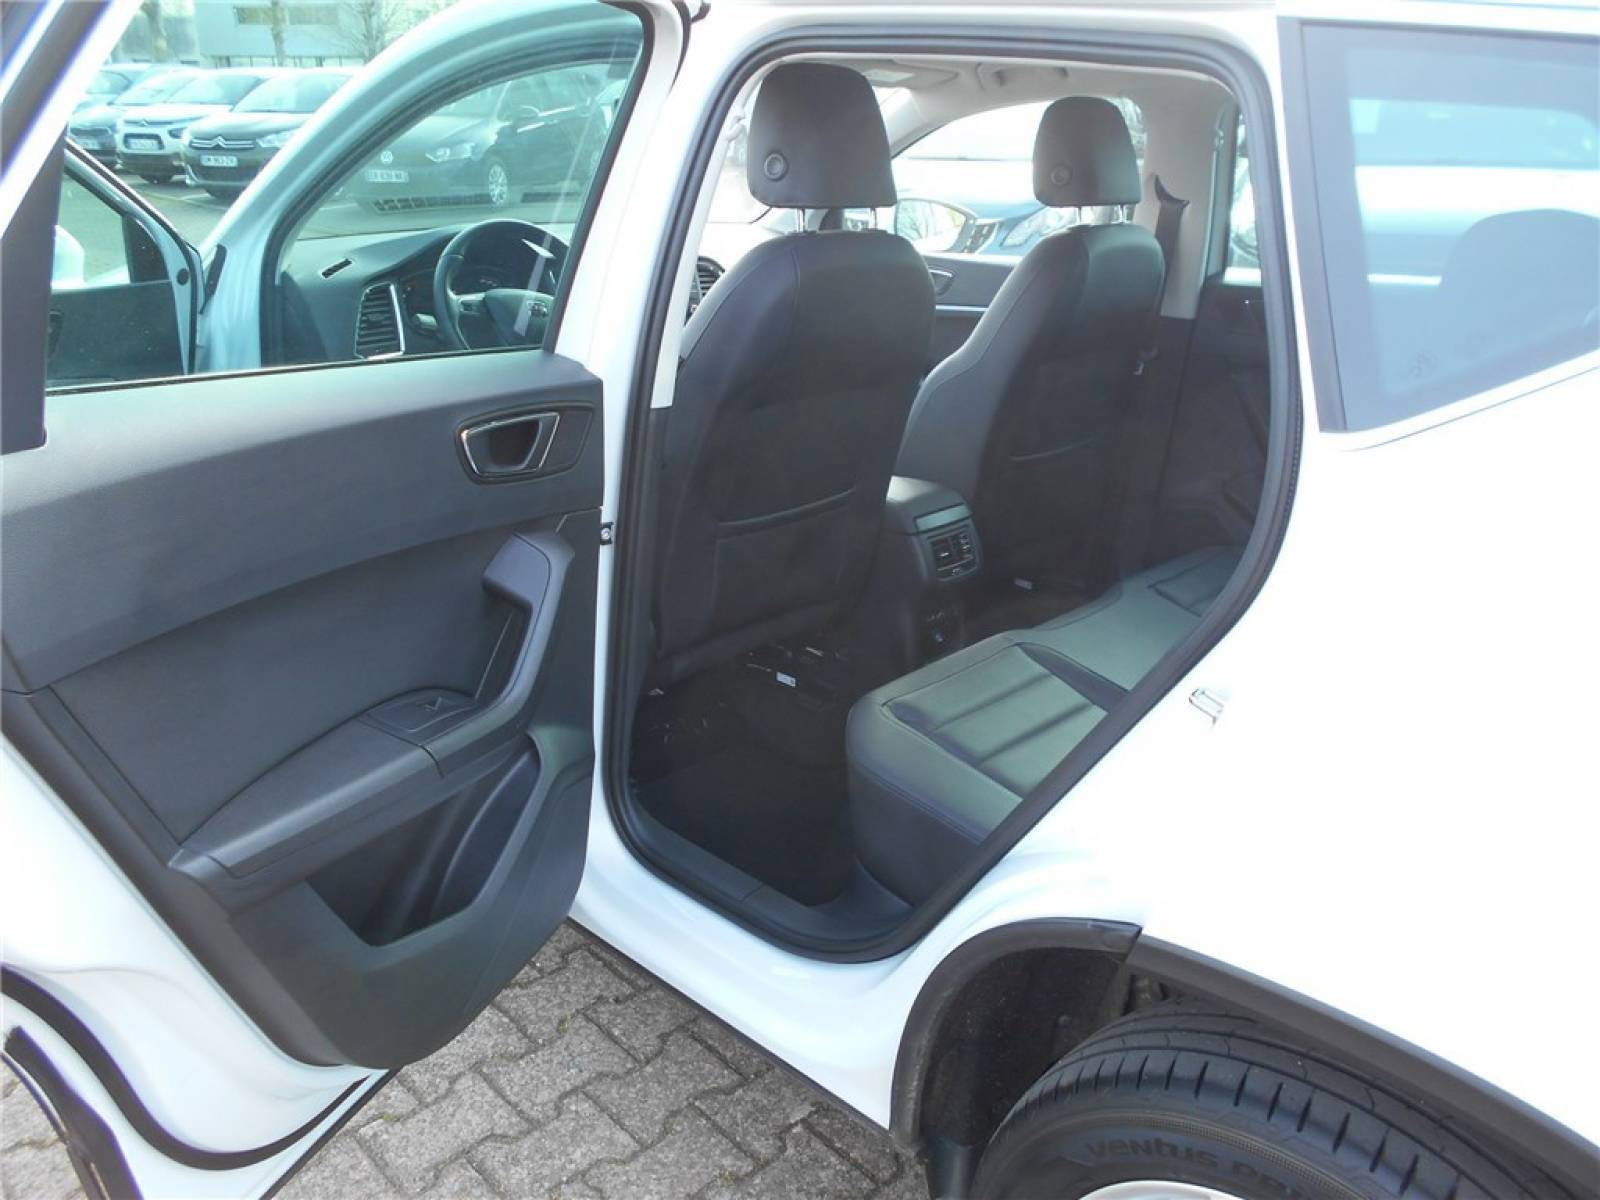 SEAT Ateca 1.6 TDI 115 ch Start/Stop Ecomotive DSG7 - véhicule d'occasion - Groupe Guillet - Chalon Automobiles - 71100 - Chalon-sur-Saône - 19